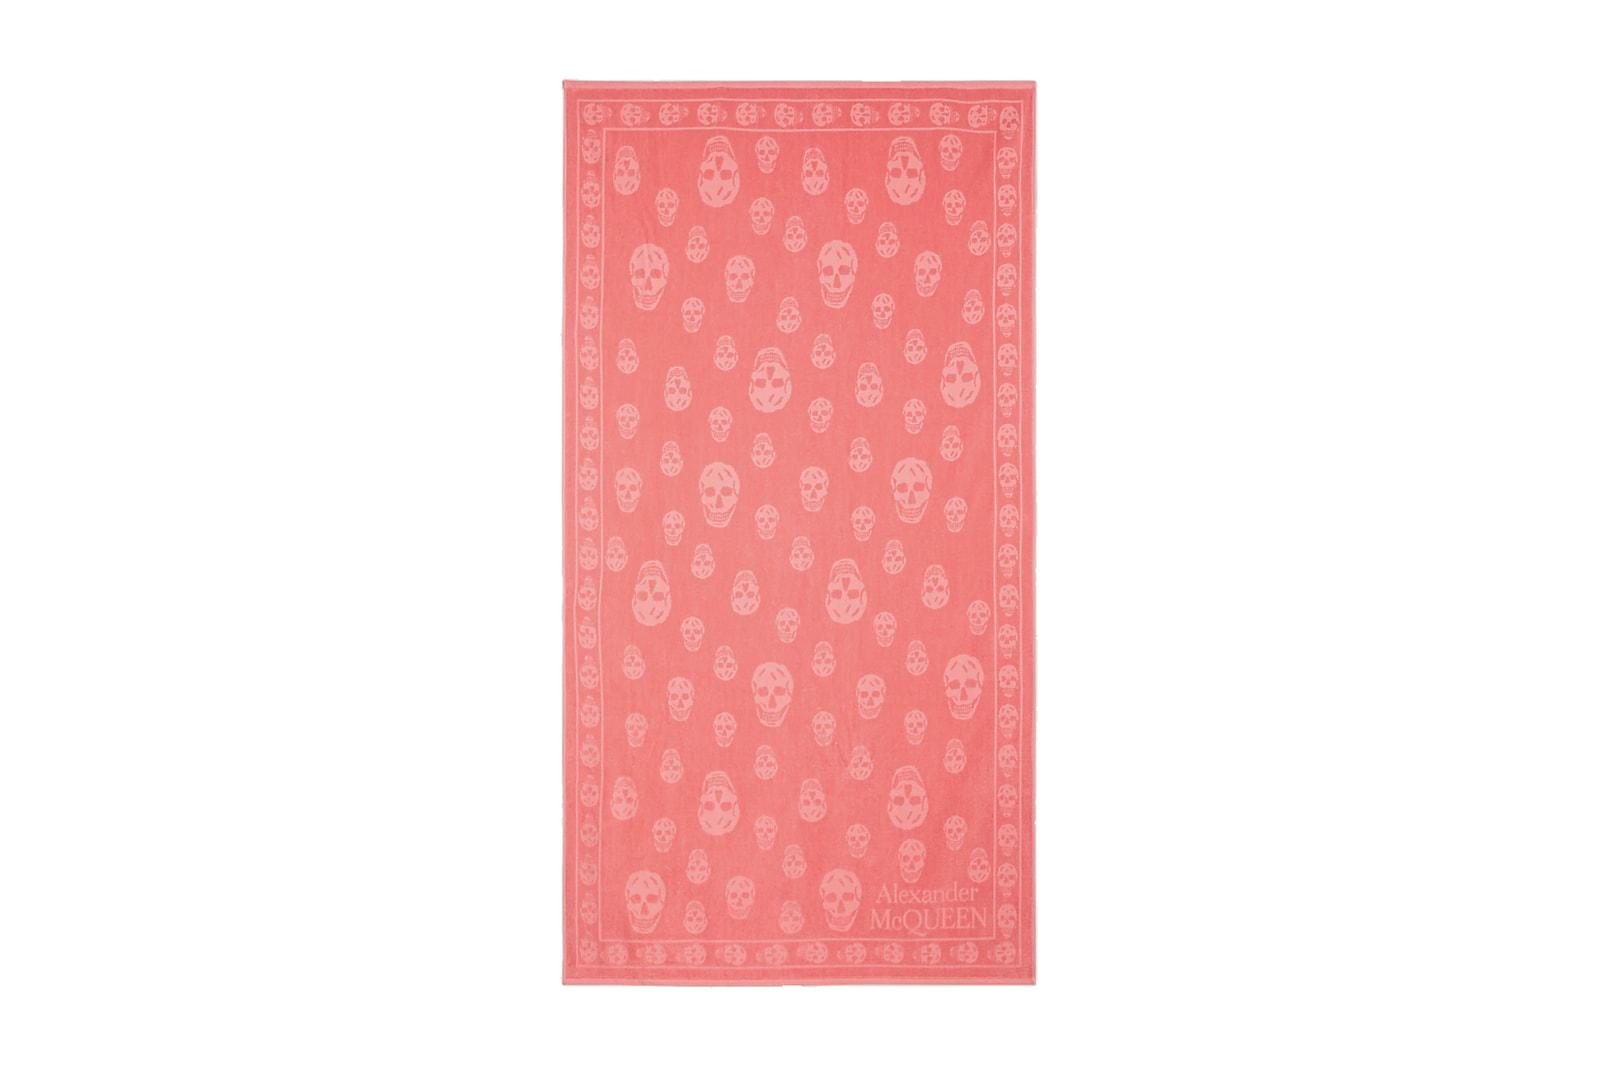 Designer Beach Towels Fendi Balmain Givenchy Loewe Alexander Wang adidas Alexander McQueen Summer